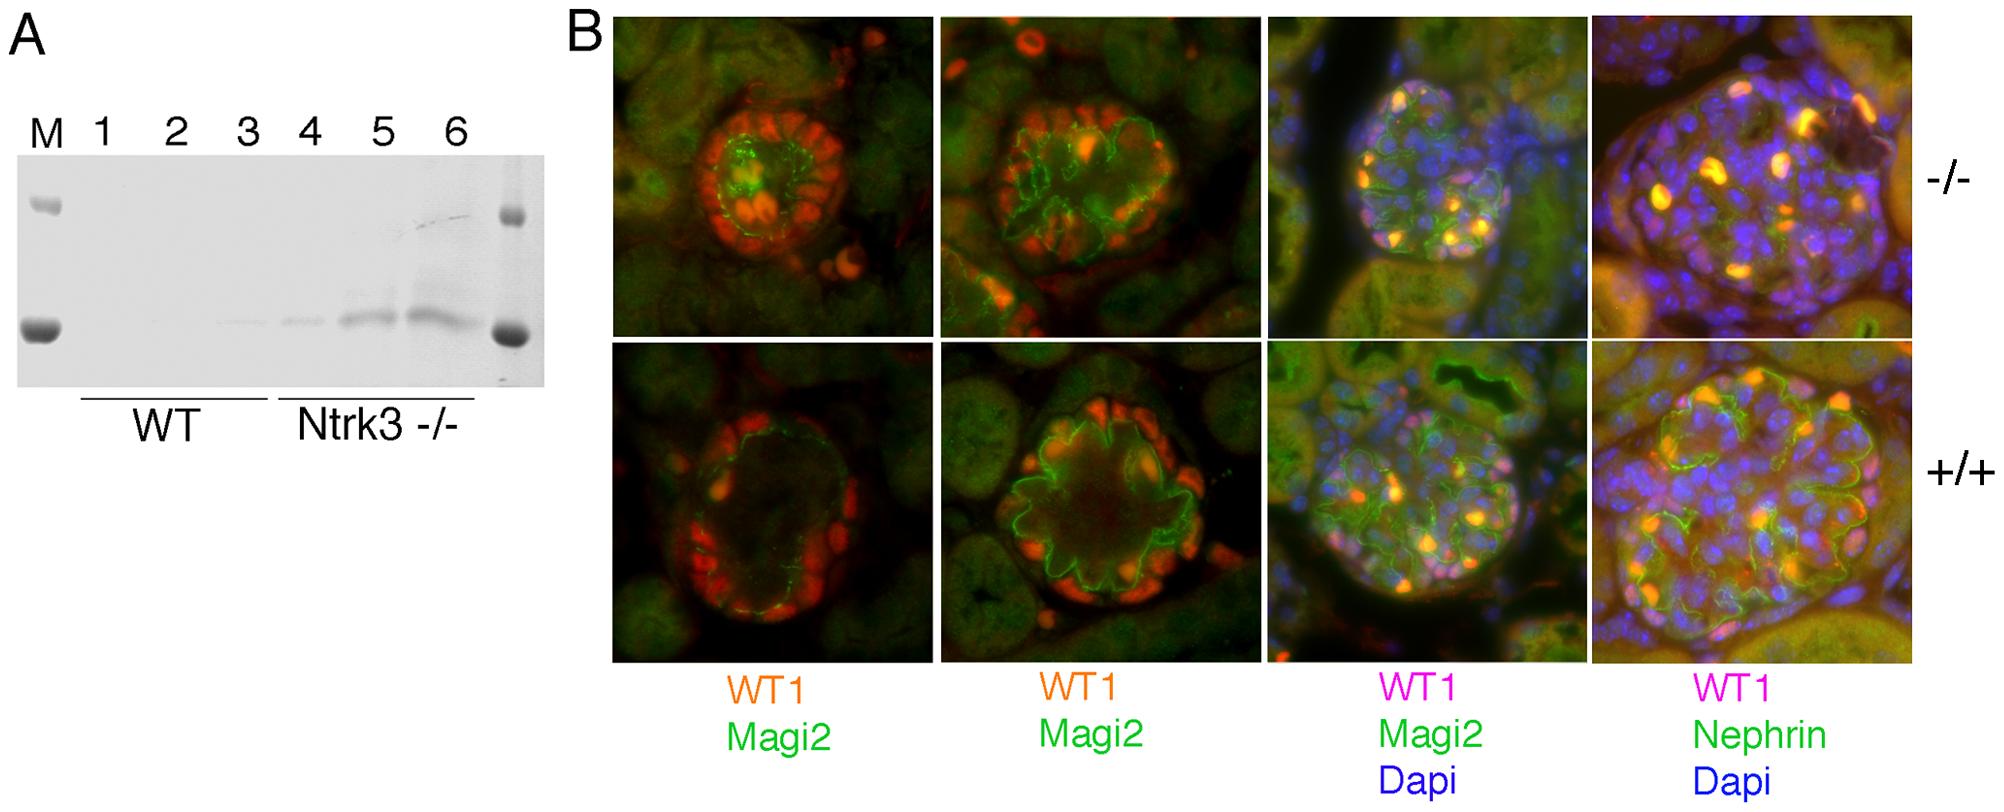 Analysis of Ntrk3 Mutant Kidneys.